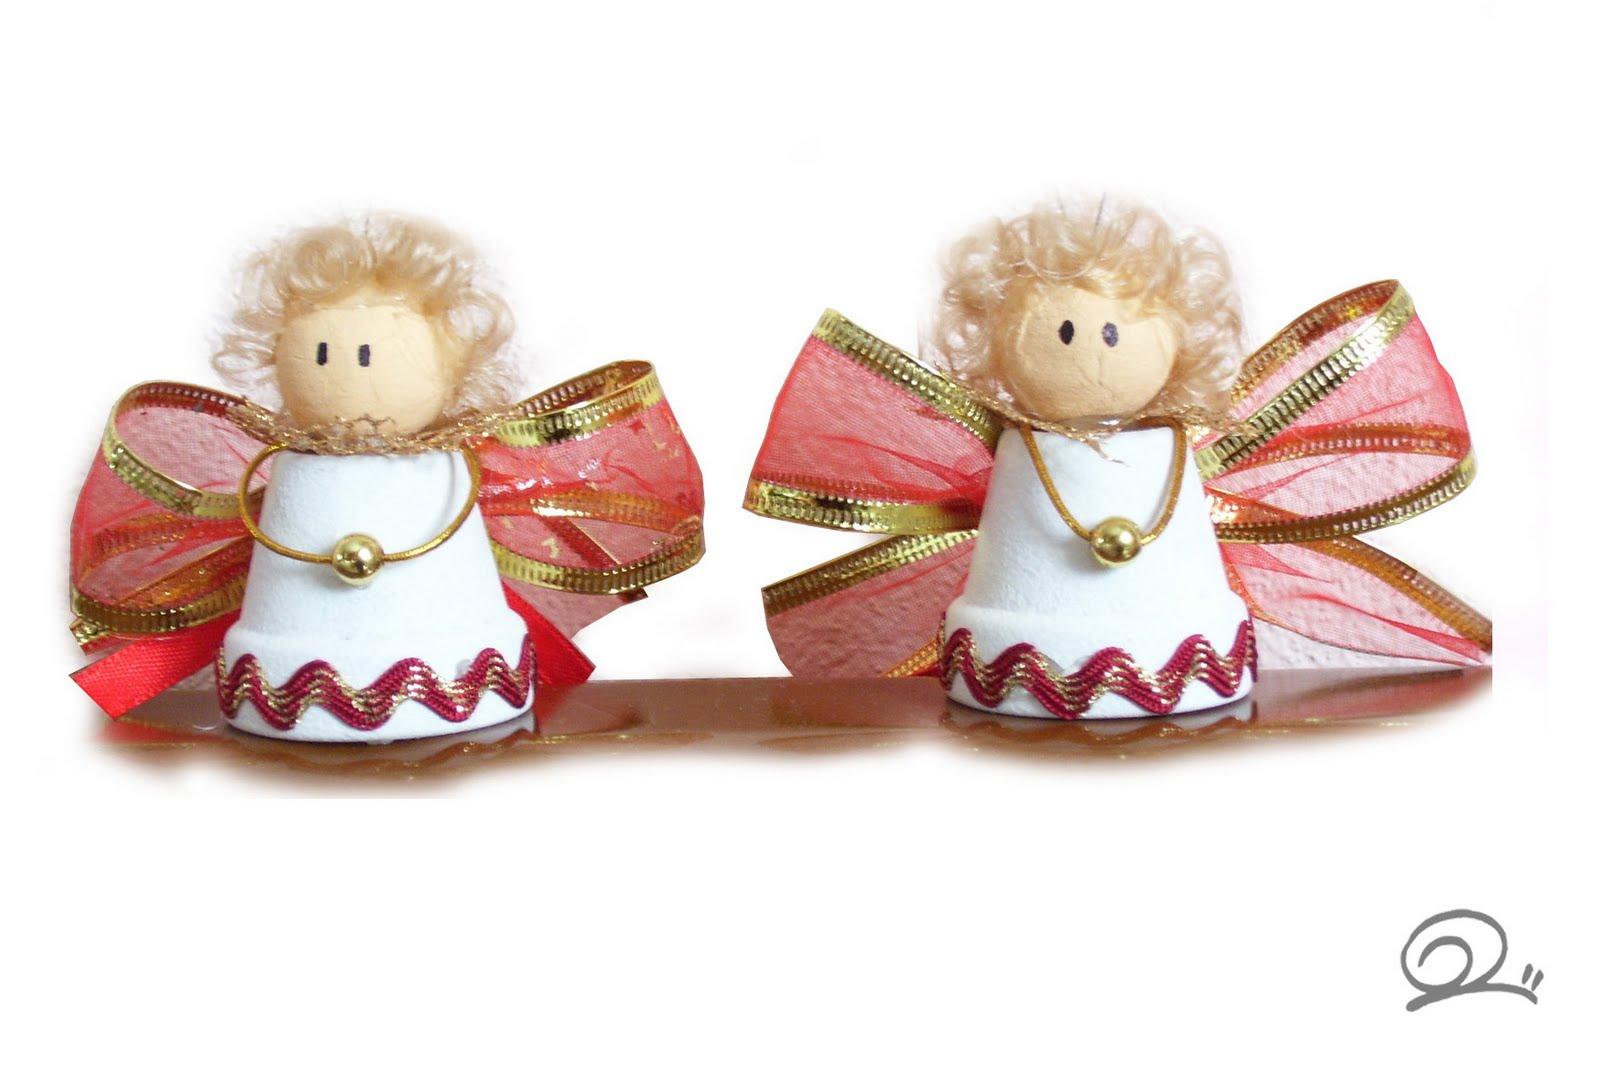 Immagini Angioletti Di Natale.Babbaluci Style Angioletti Di Natale